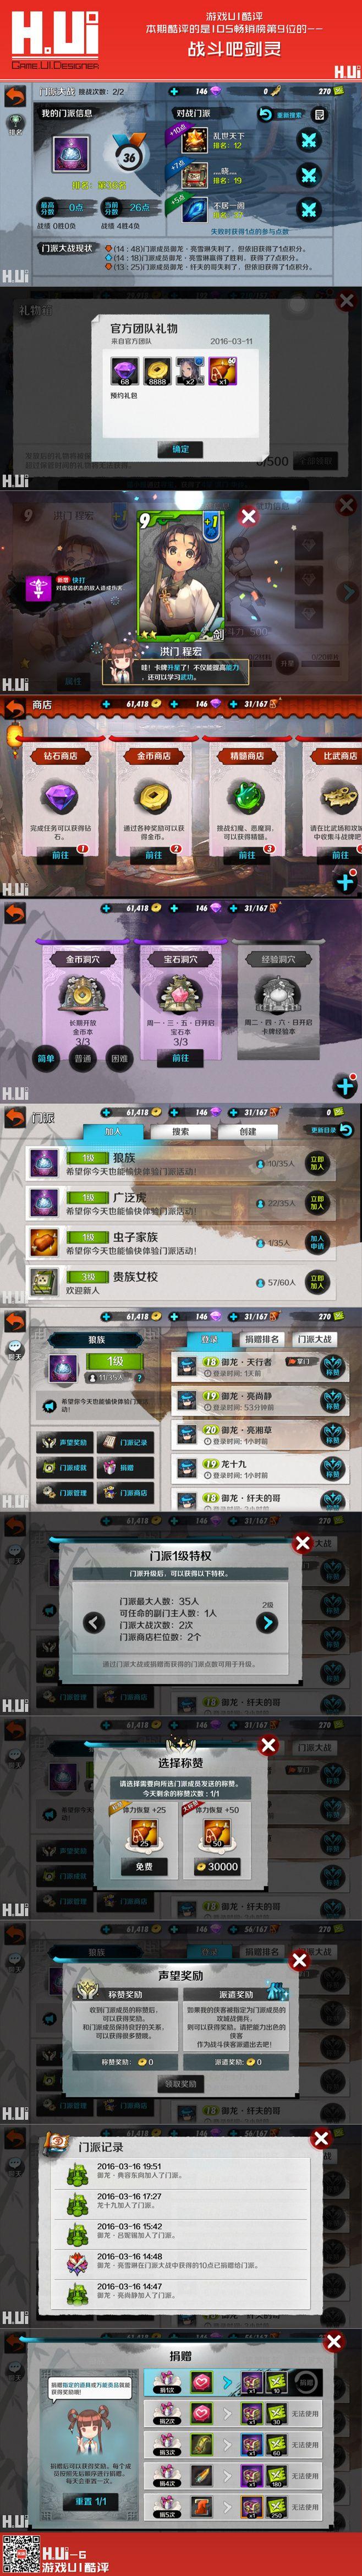 游戏UI酷评 战斗吧剑灵 #游戏UI# ...